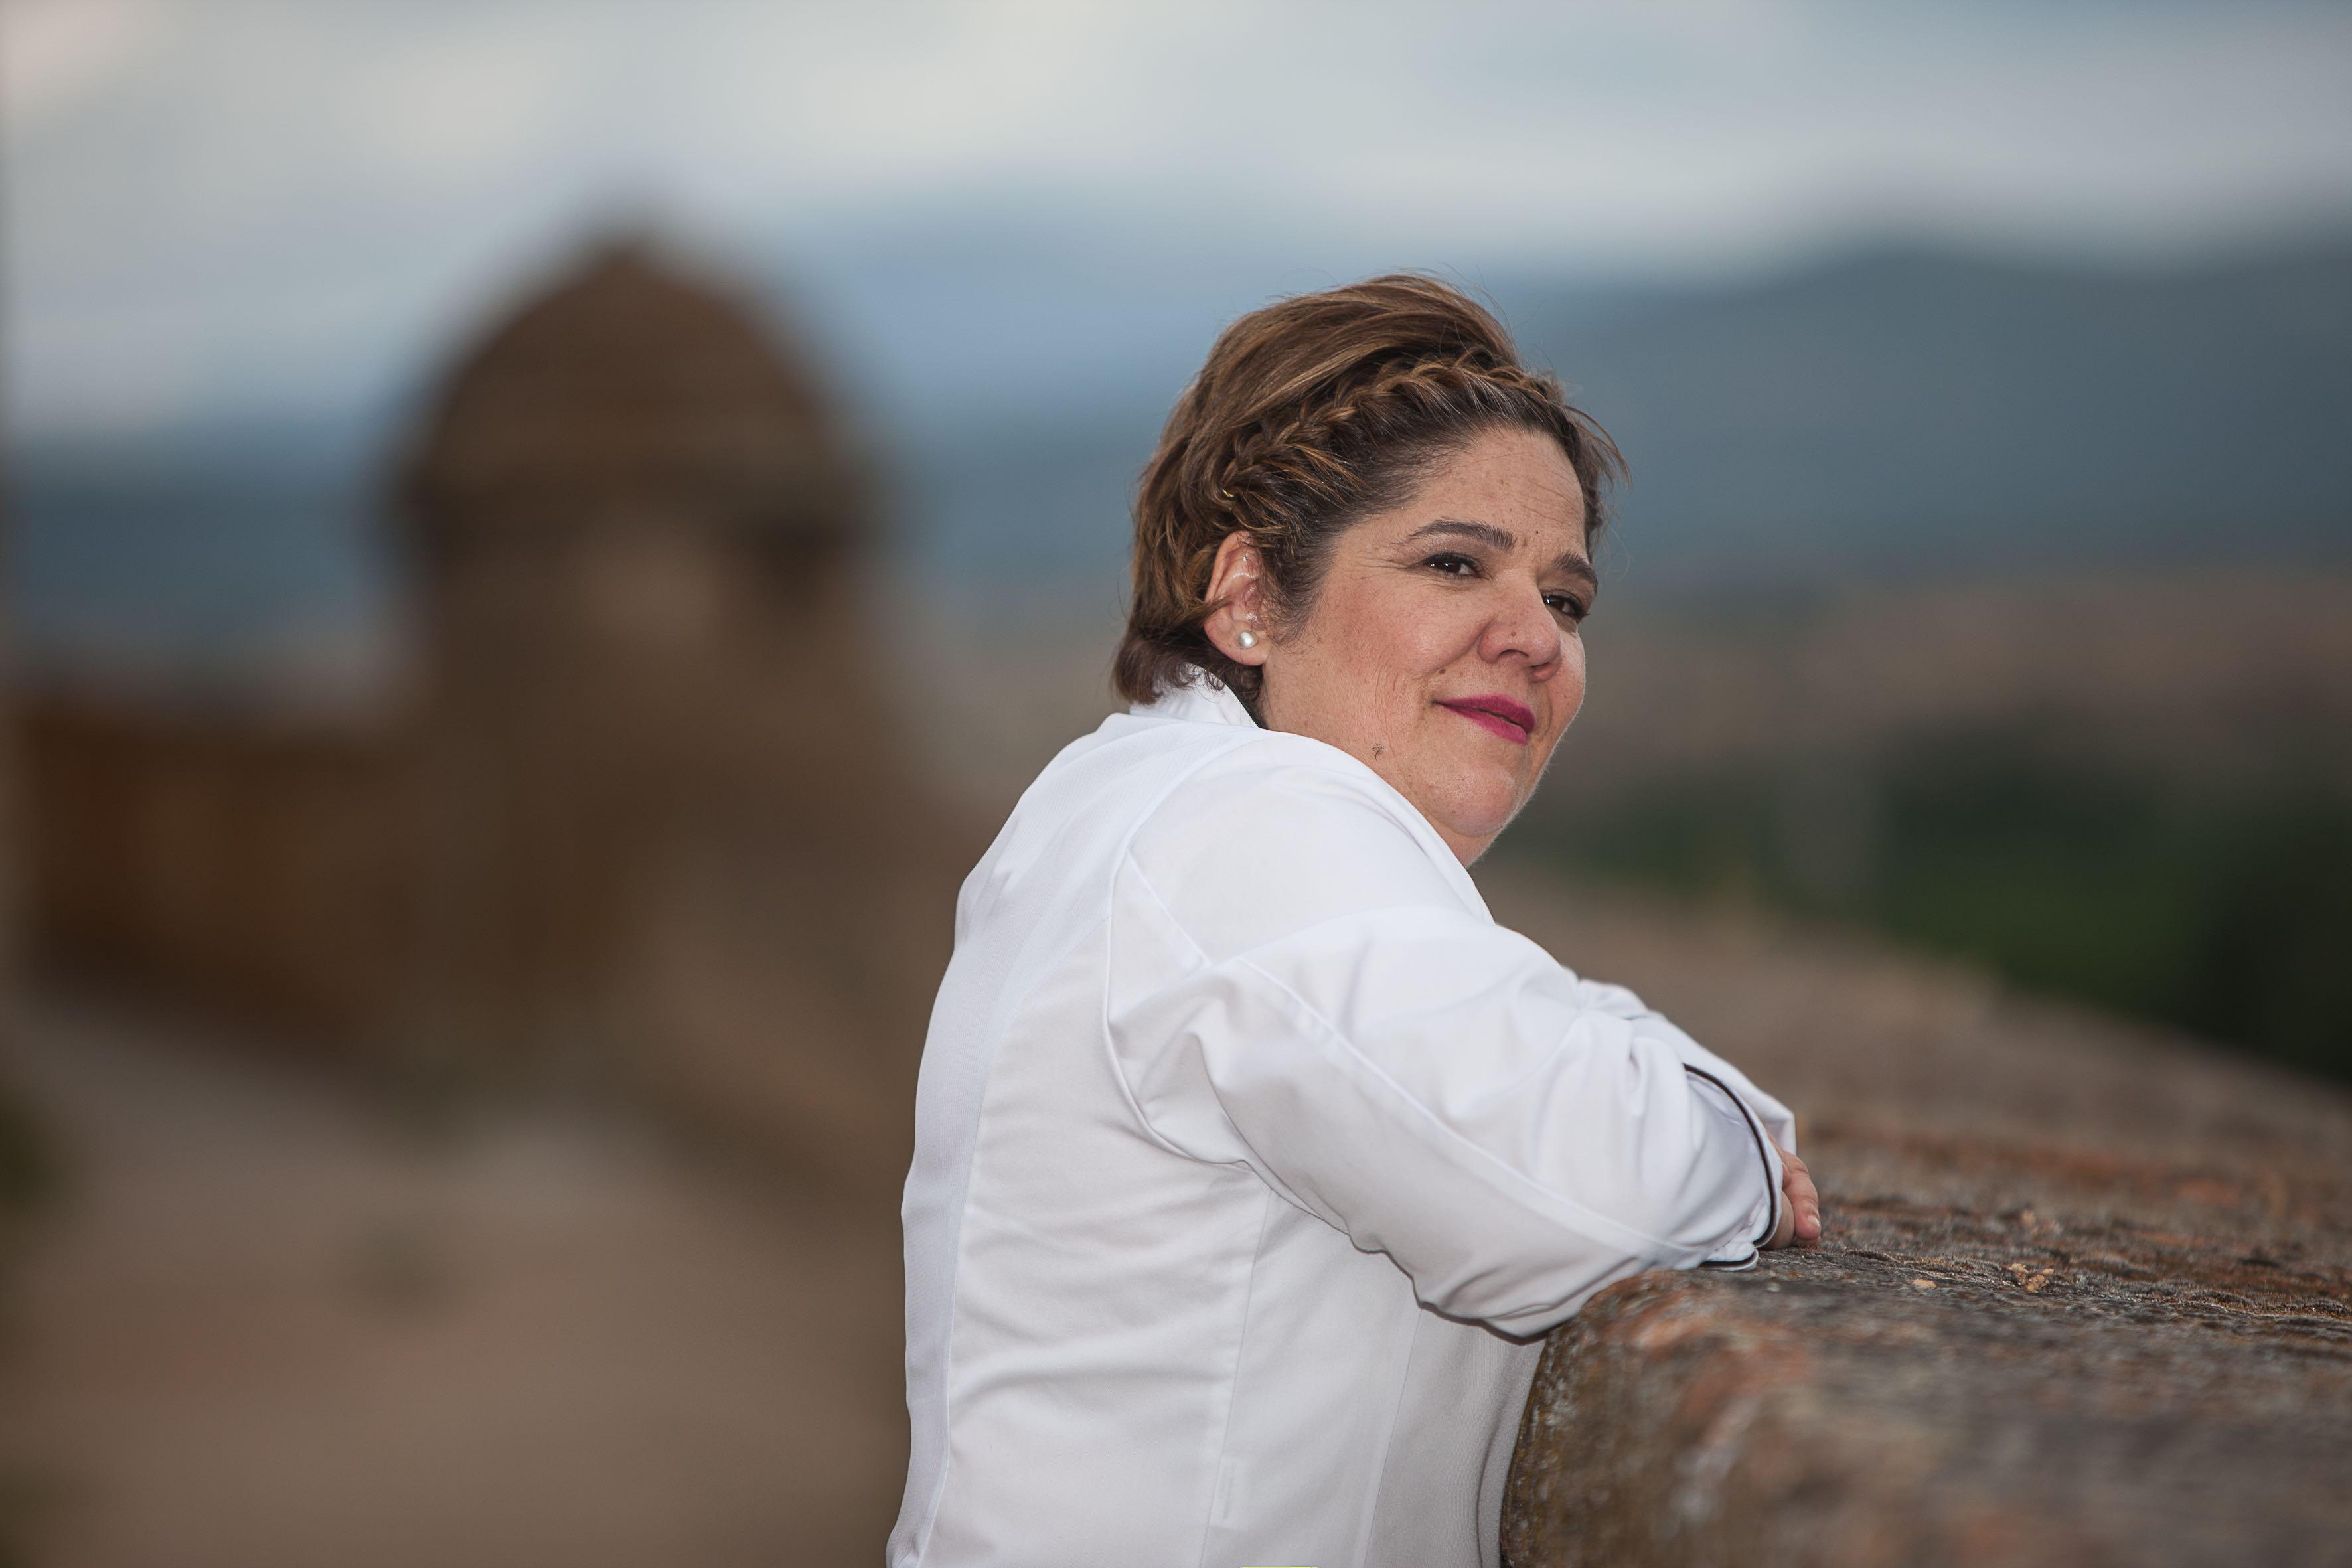 Leticia Martin palos